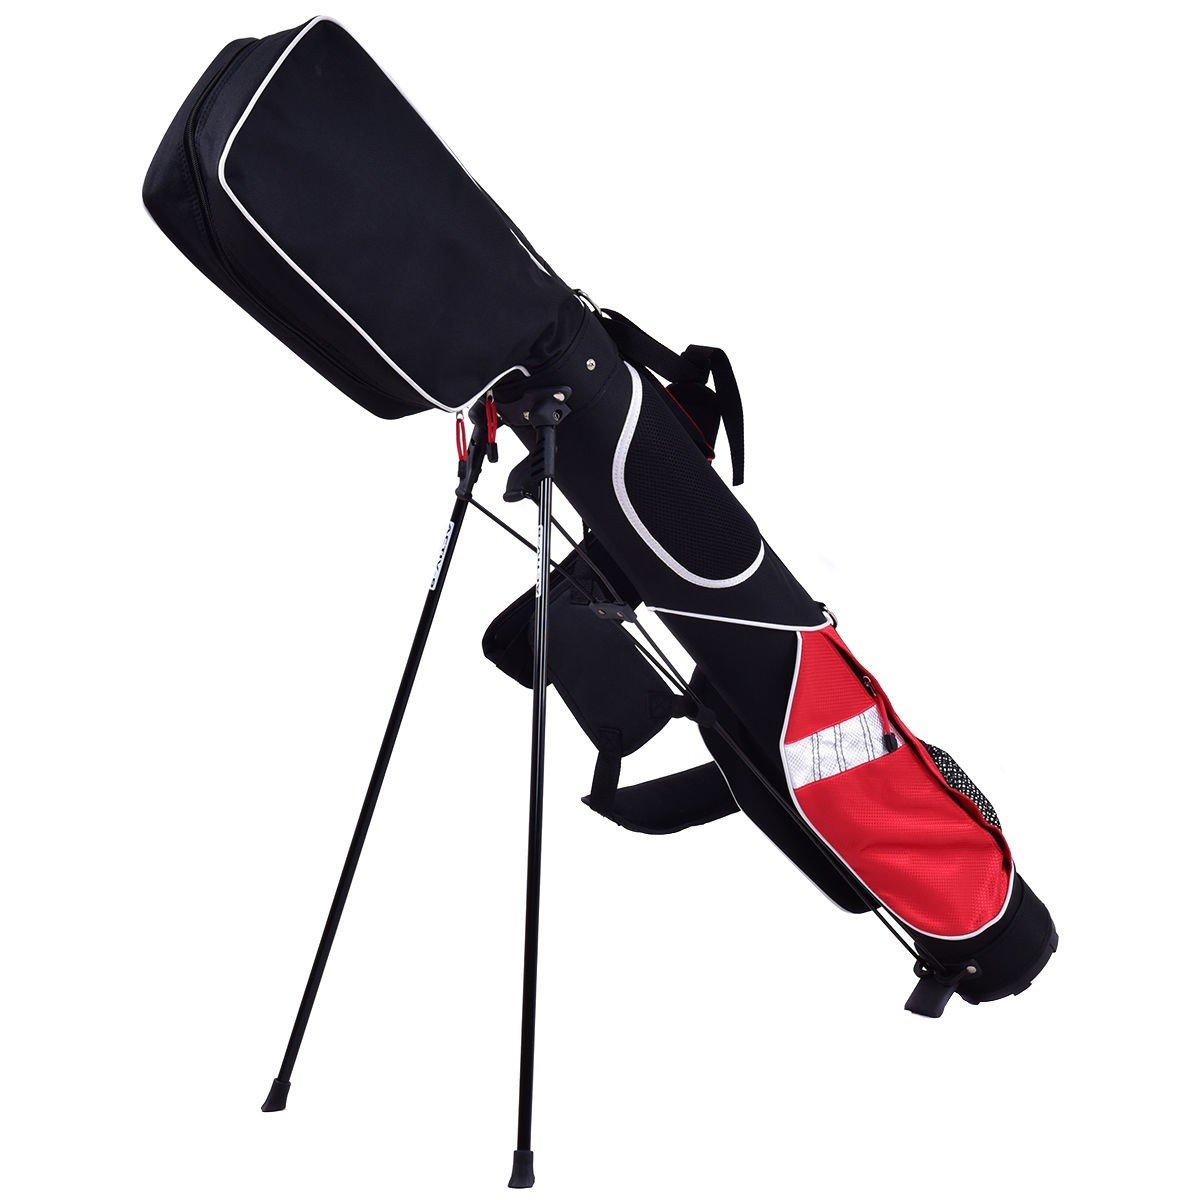 Custpromo 5'' Sunday Golf Bag Stand Lightweight 7 Clubs Carry Pockets Golf Standing Bags